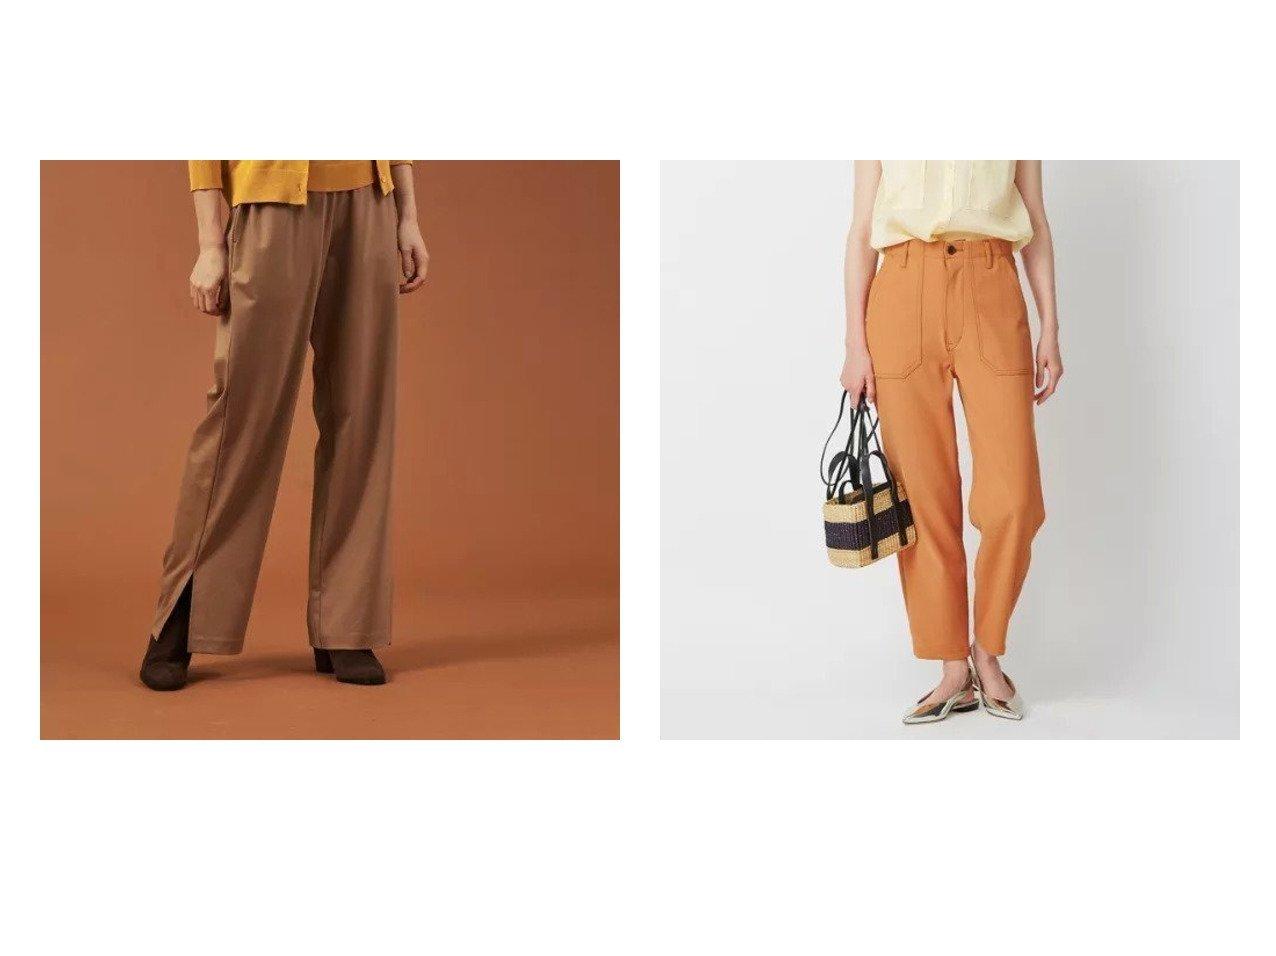 【DESIGN WORKS/デザイン ワークス】のダブルクロスカルゼ パンツ&裾スリットパンツ 【パンツ】おすすめ!人気、トレンド・レディースファッションの通販 おすすめで人気の流行・トレンド、ファッションの通販商品 メンズファッション・キッズファッション・インテリア・家具・レディースファッション・服の通販 founy(ファニー) https://founy.com/ ファッション Fashion レディースファッション WOMEN パンツ Pants シンプル スピンドル スリット ドット ボトム メタル ワーク |ID:crp329100000032868